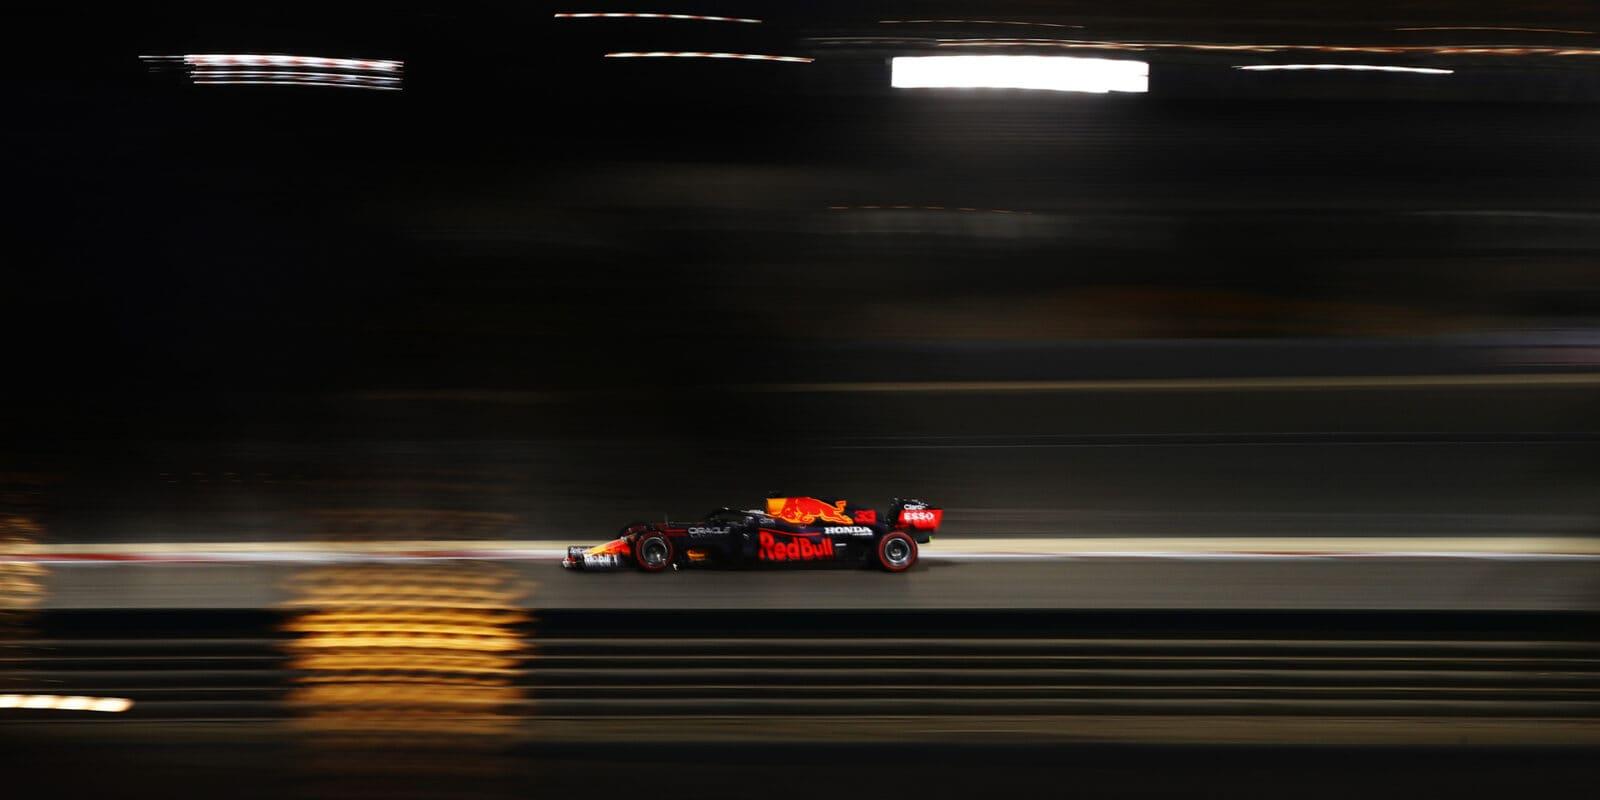 První kvalifikaci sezóny v Bahrajnu ovládl Max Verstappen